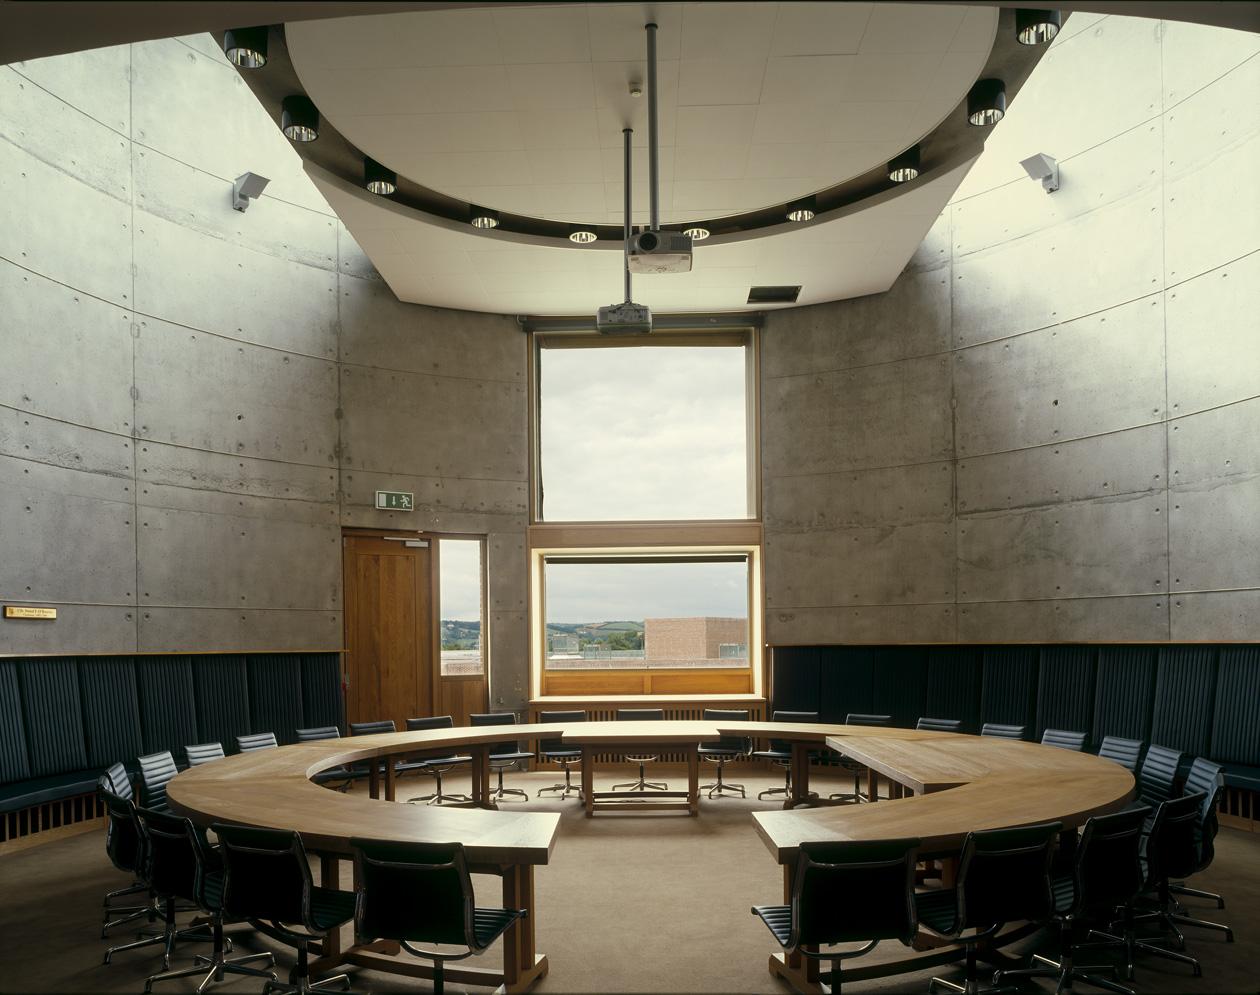 4 CIT - Administration Building